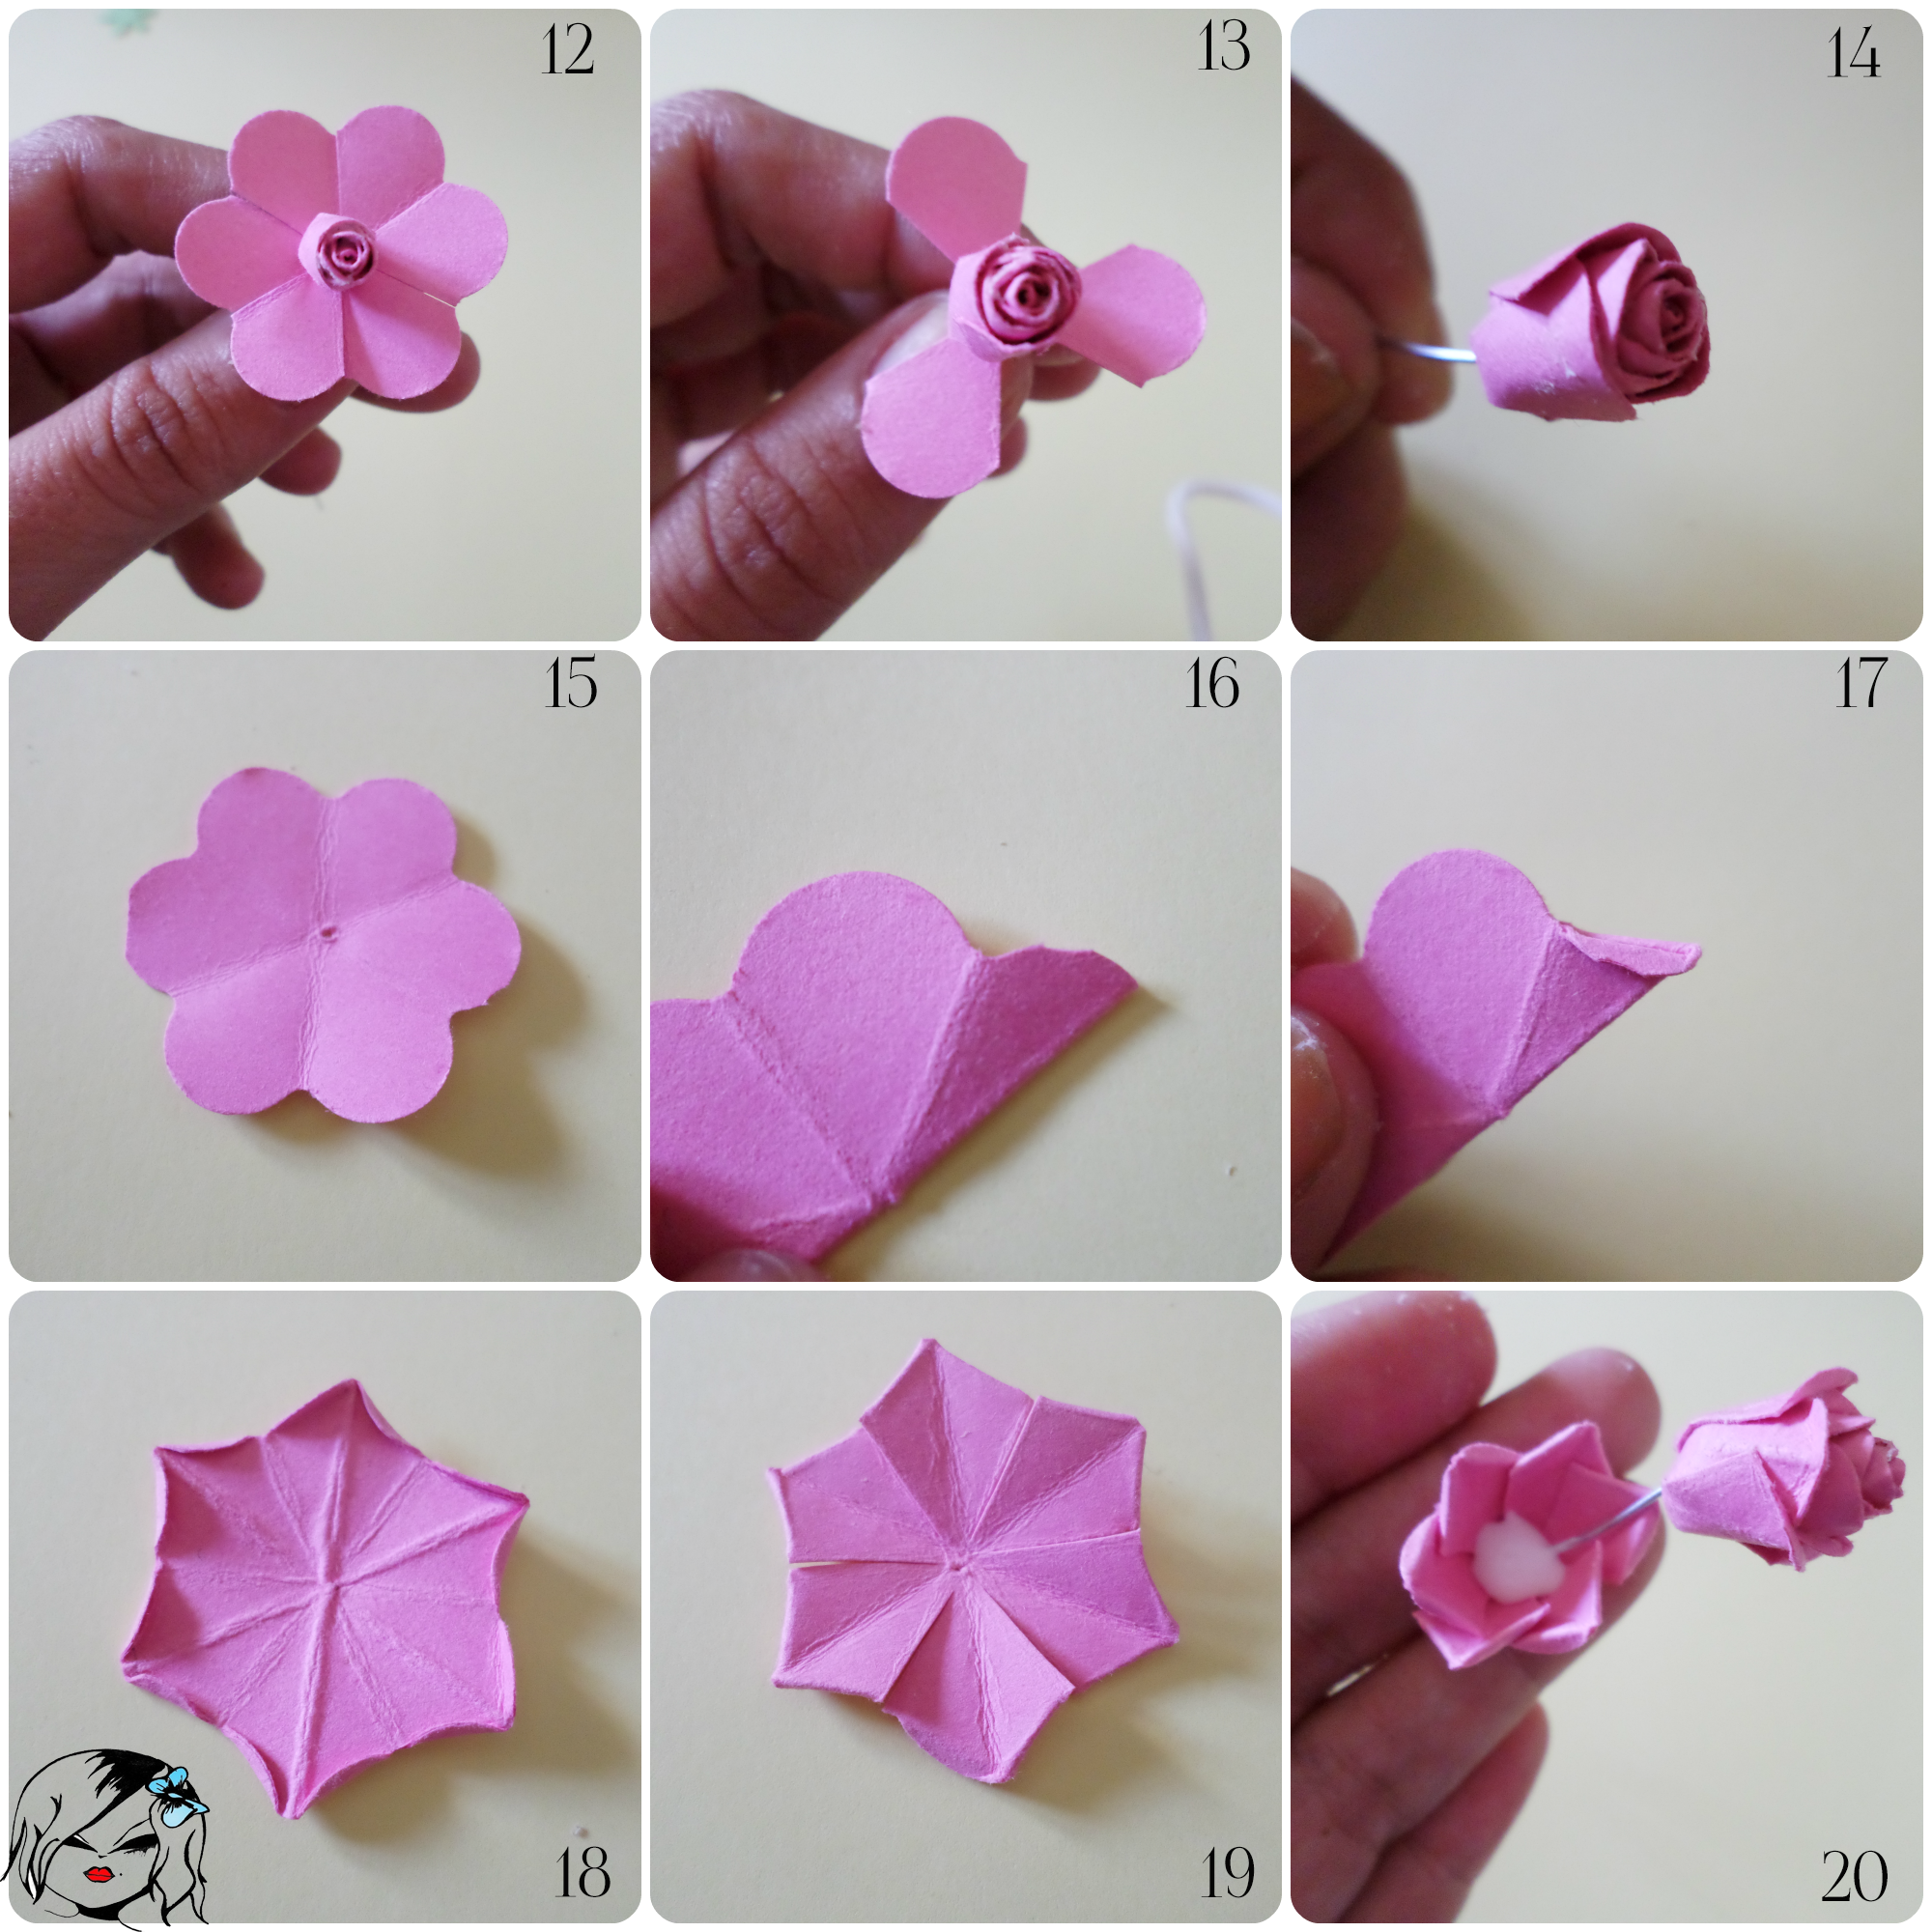 Como doblar el papel para hacer una flor de papel buscar - Como se hacen flores de papel ...